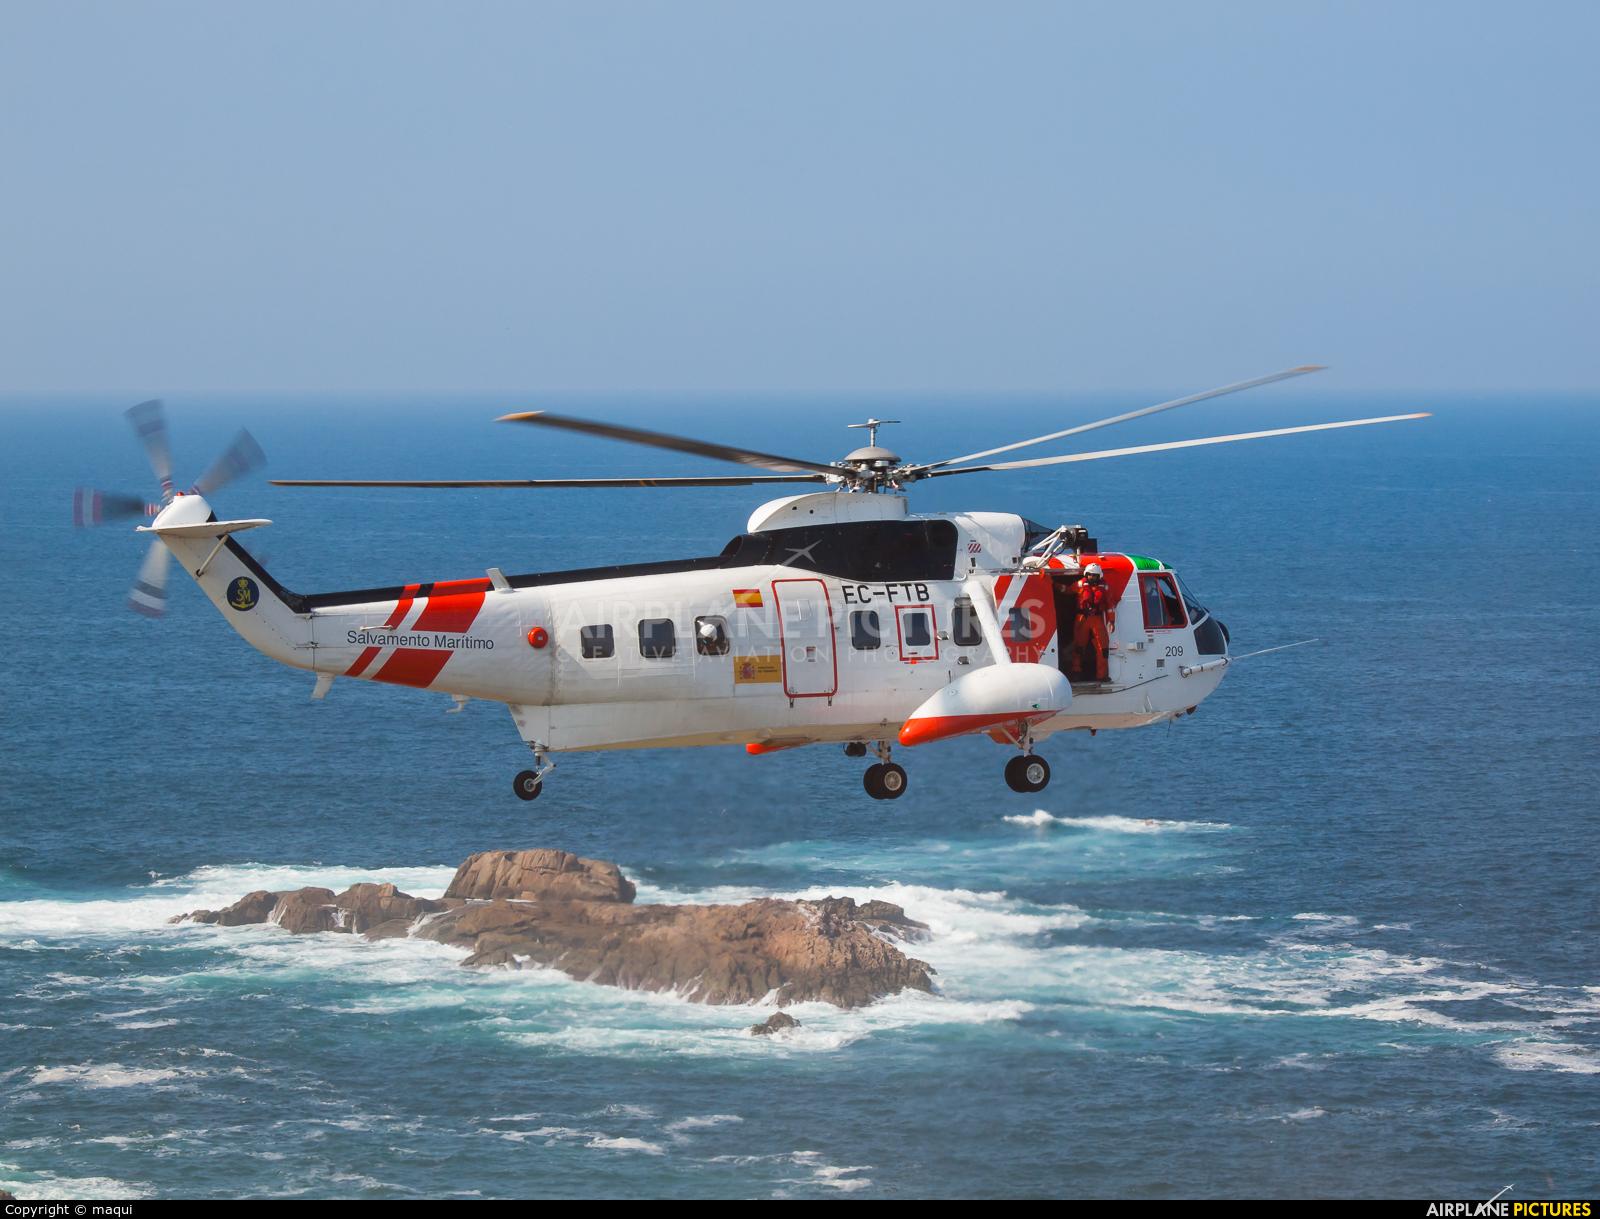 Spain - Coast Guard EC-FTB aircraft at La Coruña - Torre de Hercules